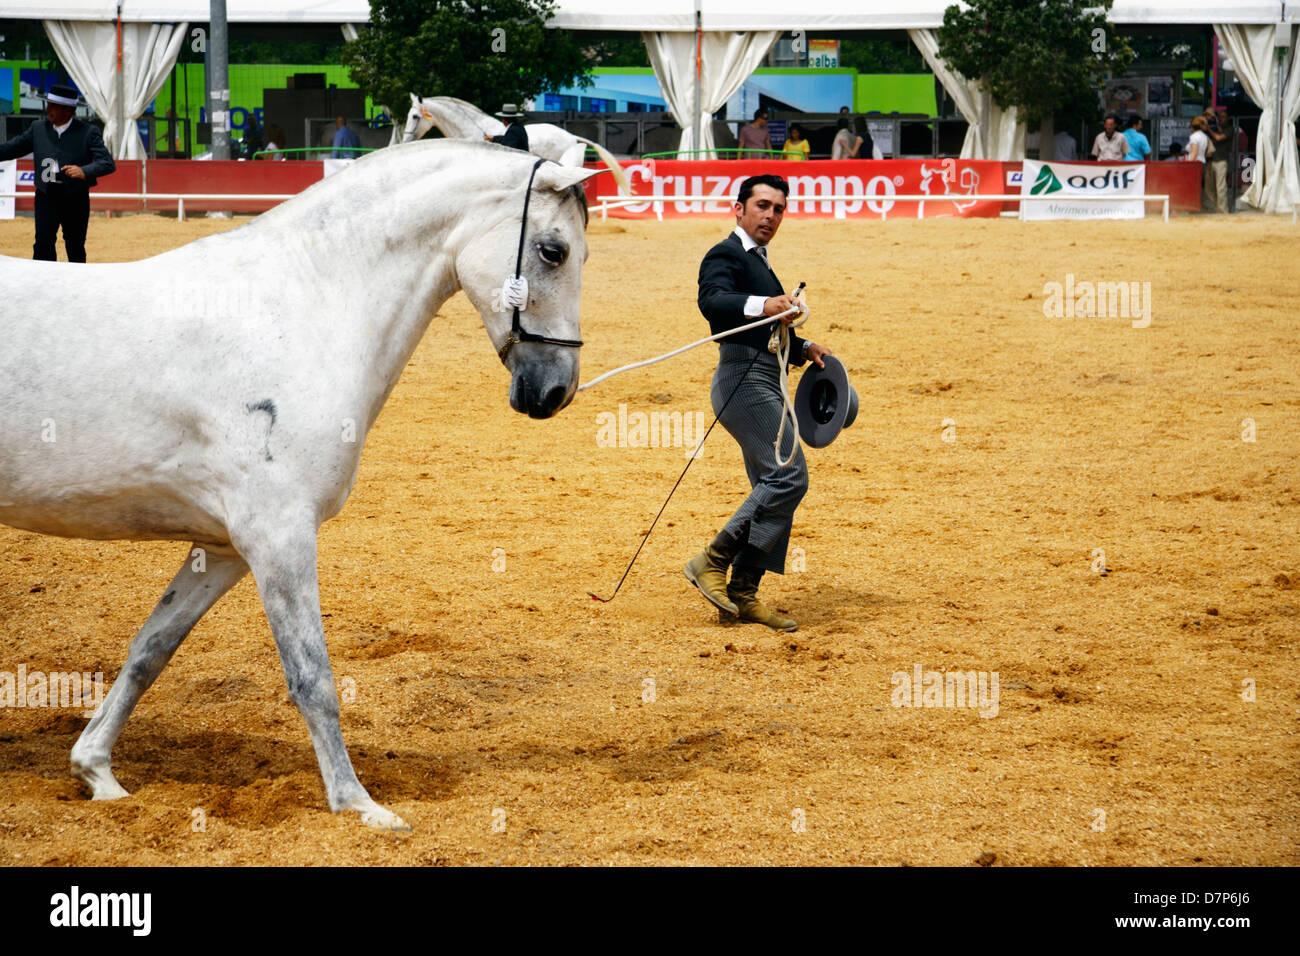 Jinete andaluz exhibiendo su yegua purasangre en la Feria del Caballo de Córdoba. España Imagen De Stock